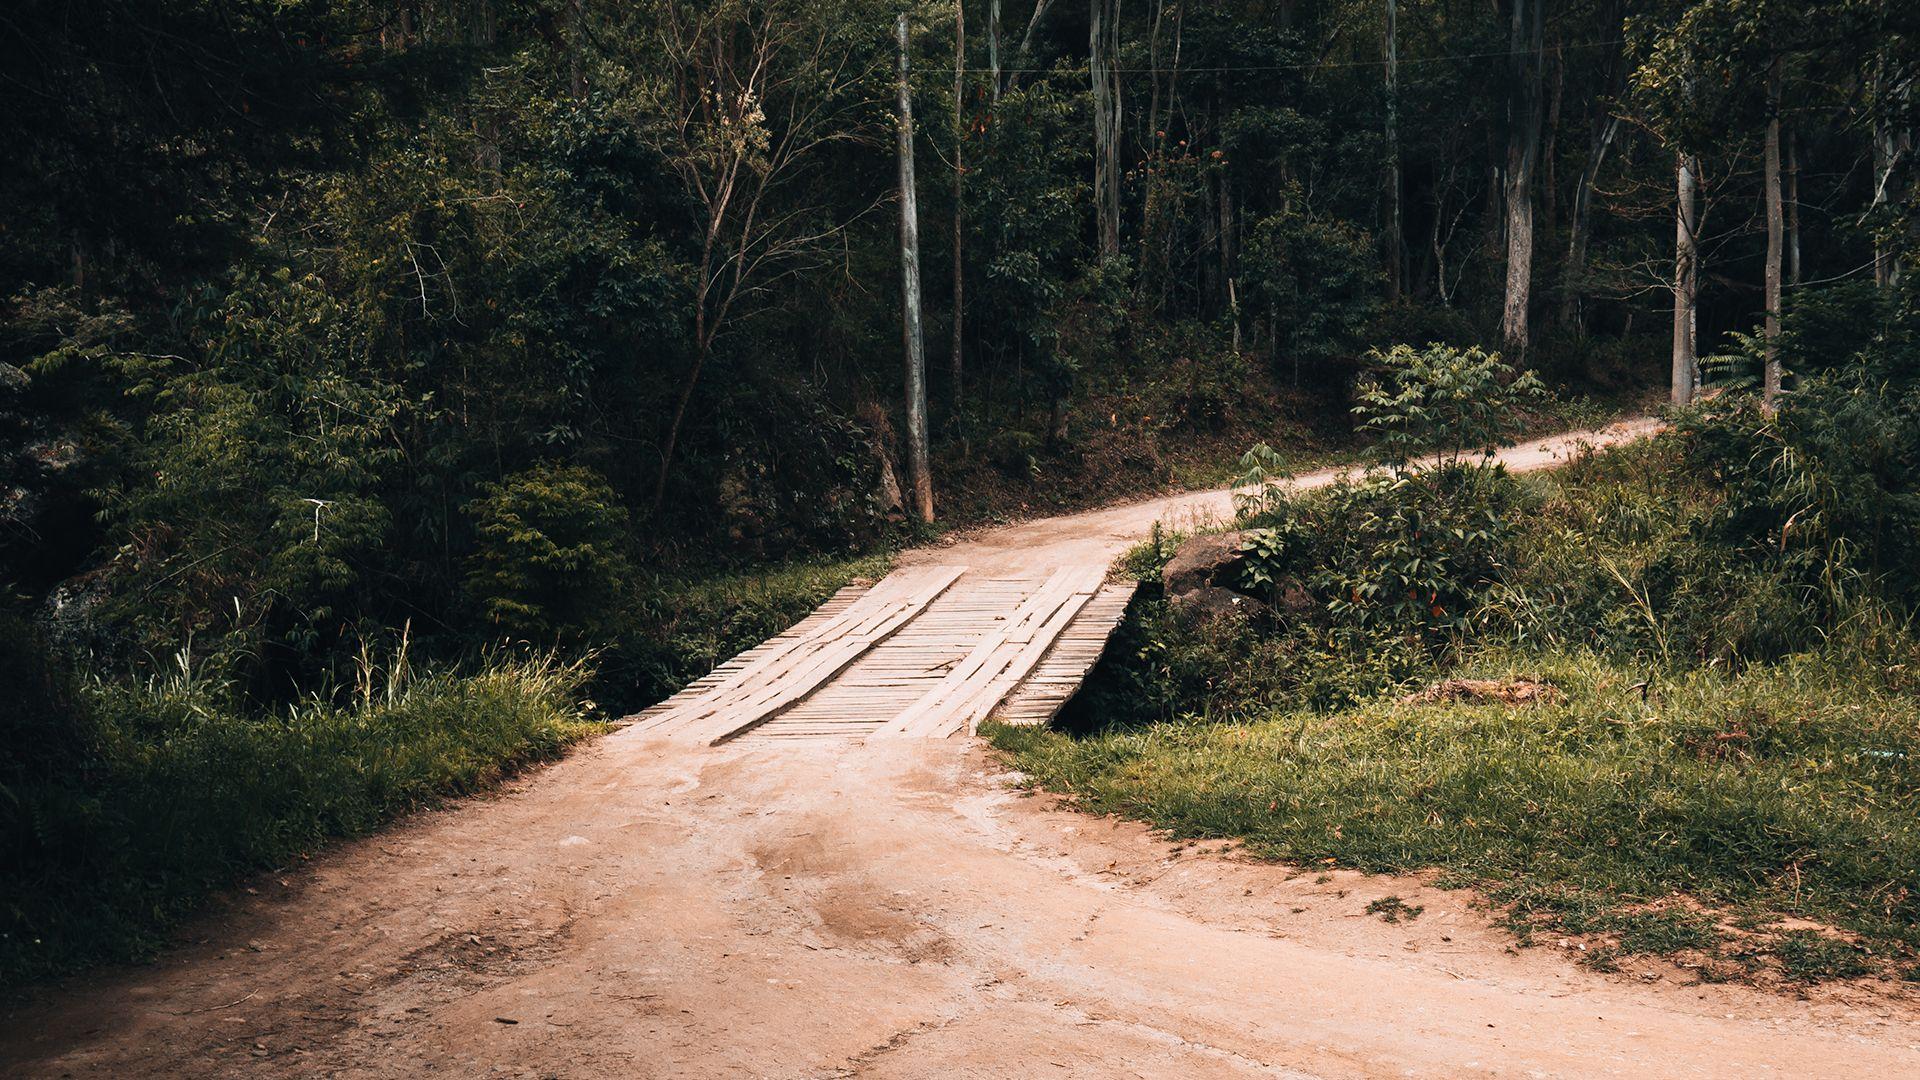 Ponte de madeira em estrada